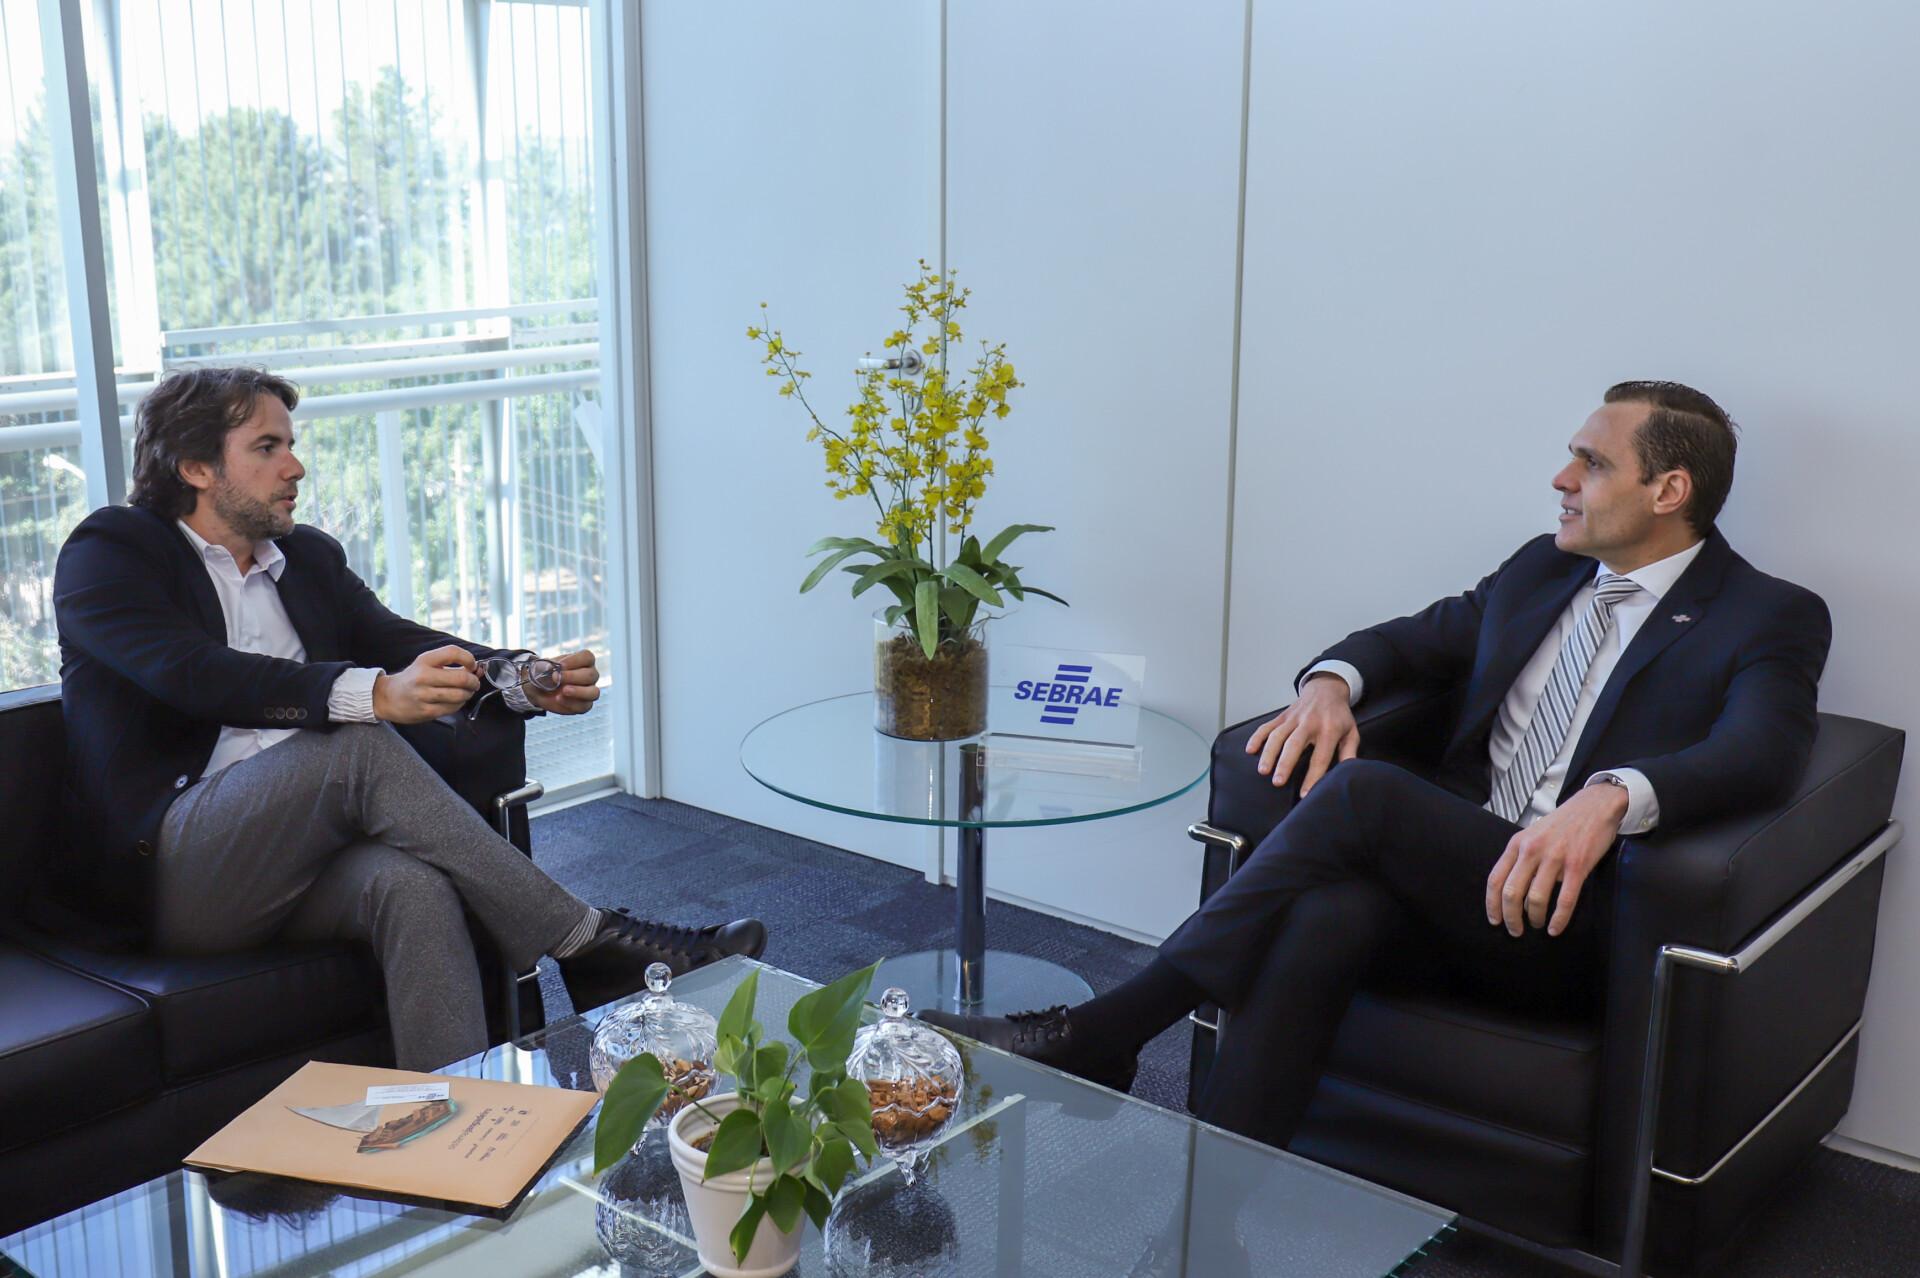 Reunião com Ciro Tomaz do SBT Nordeste